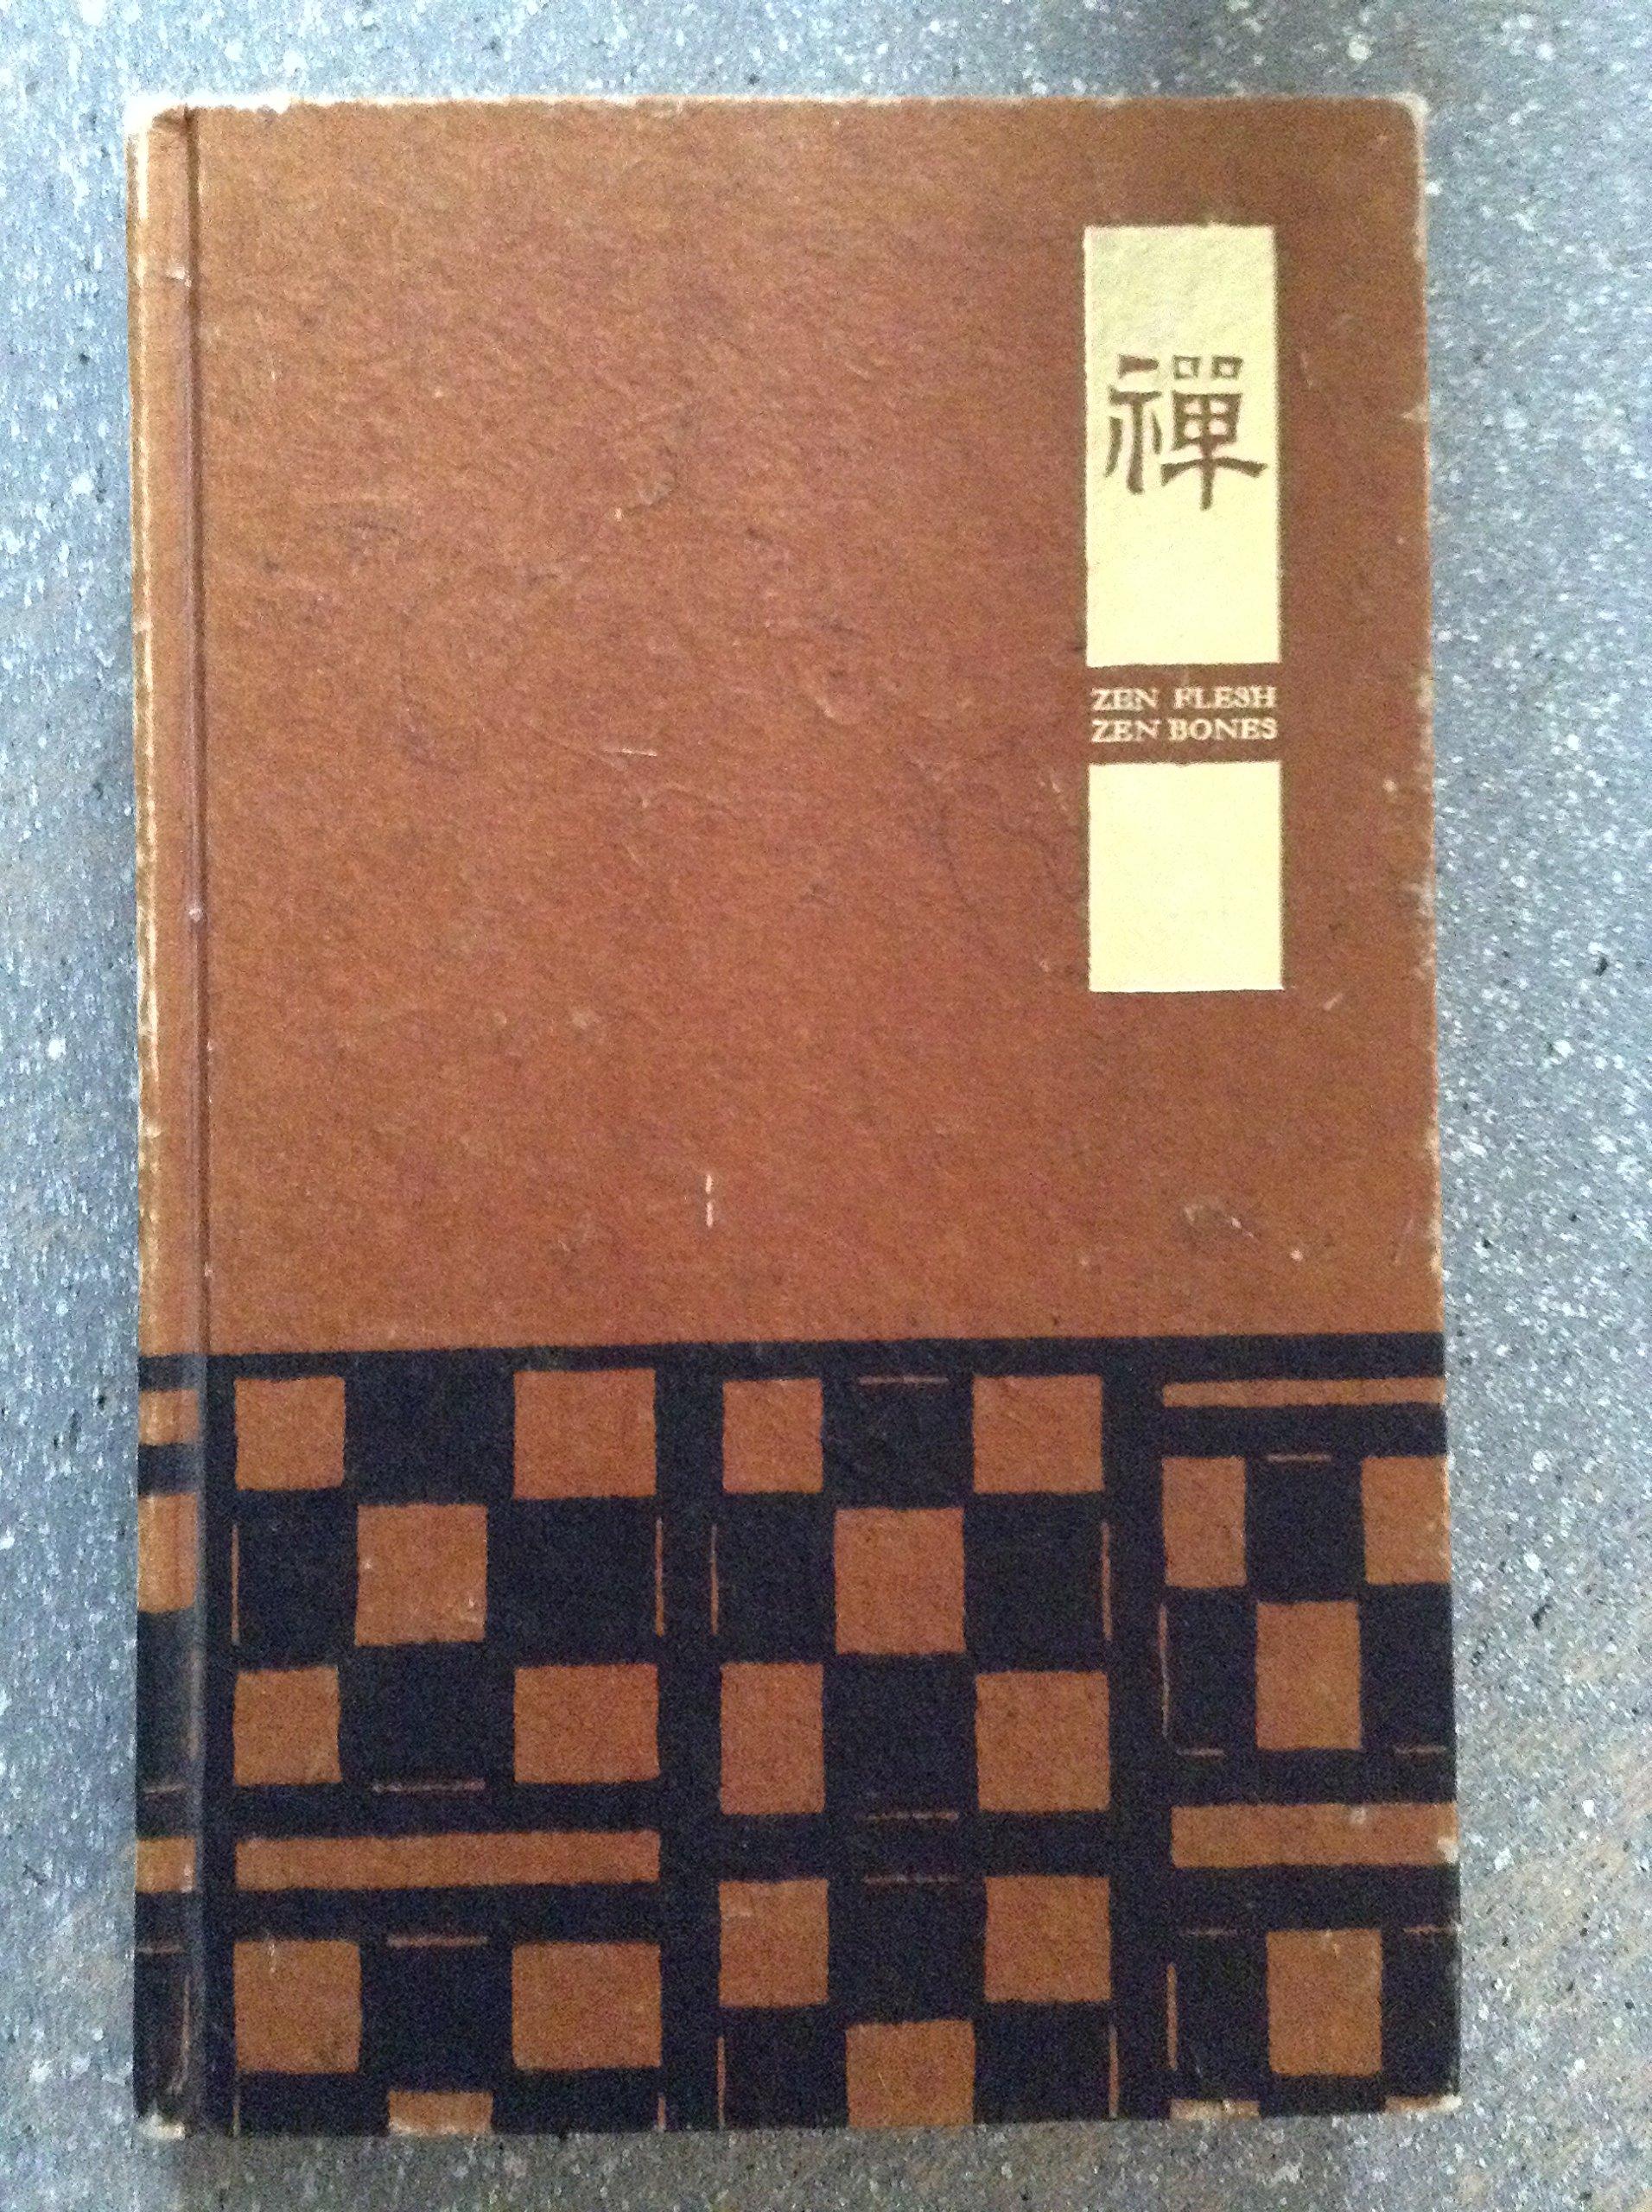 a collection of Zen & pre-Zen writings